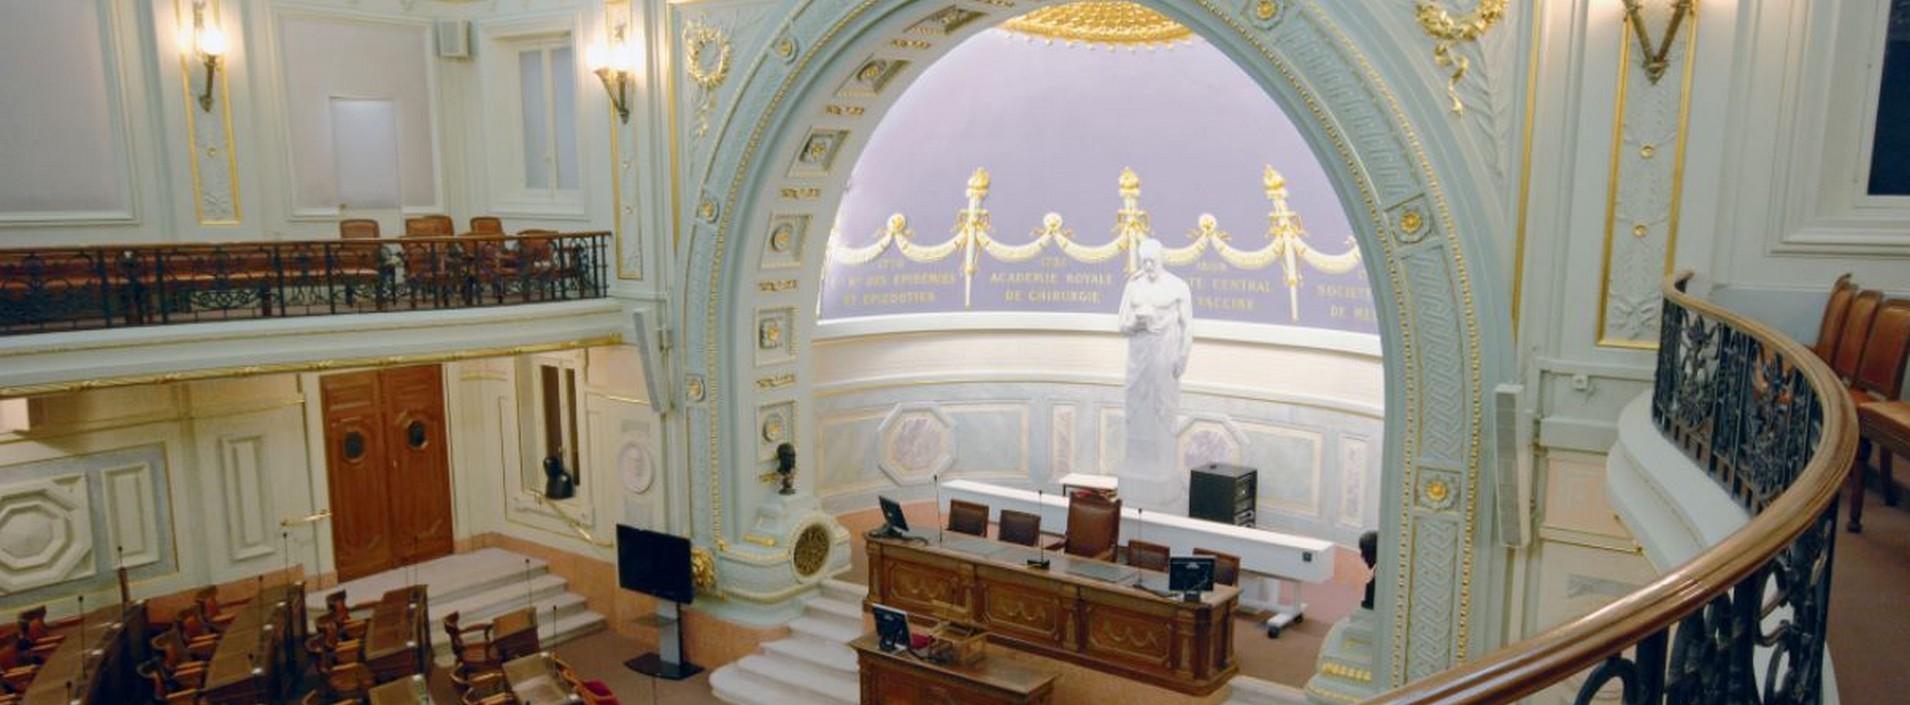 Salles des séances - Académie de Médecine